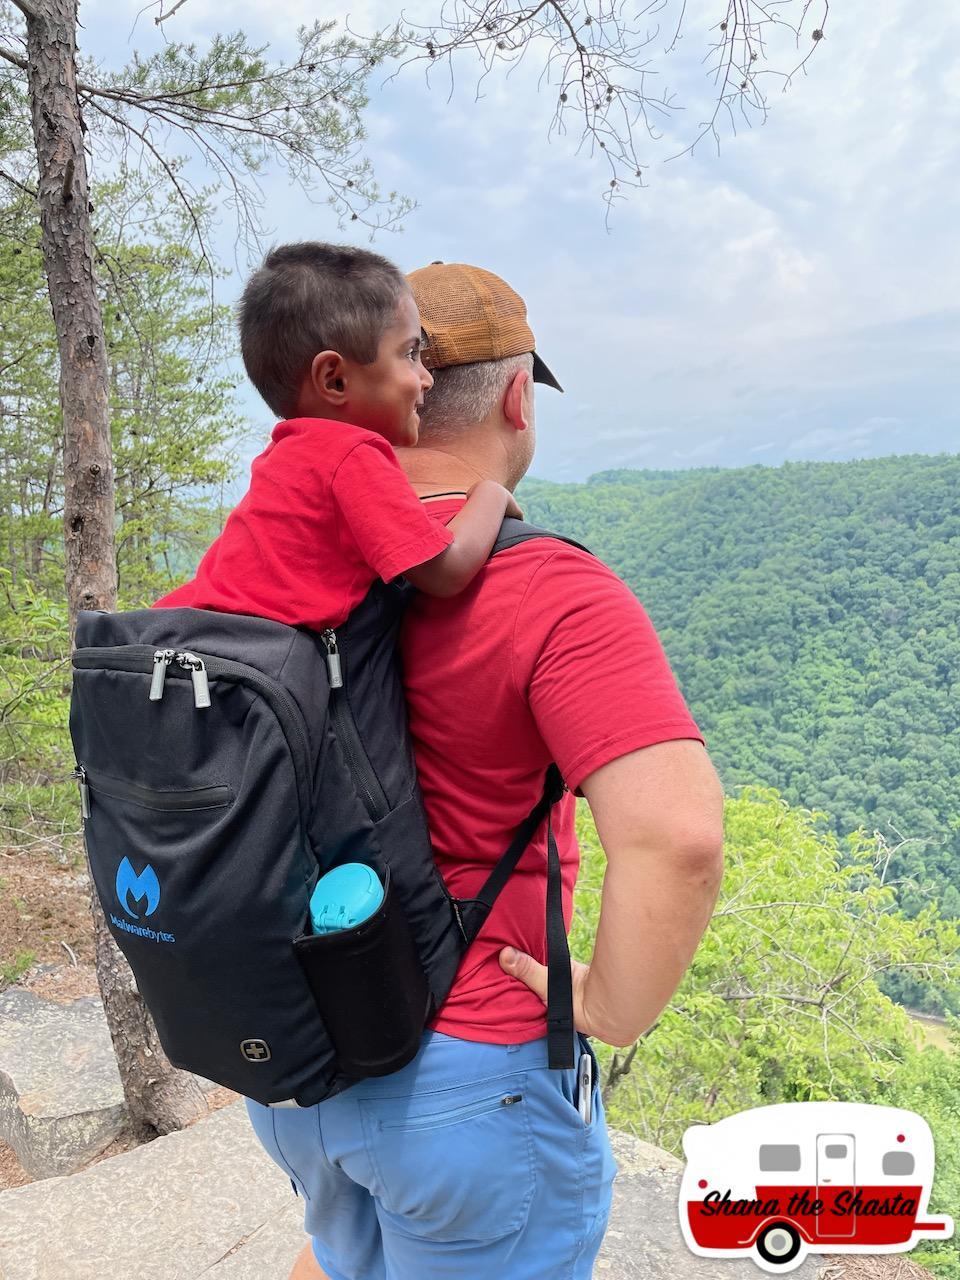 Malwarebytes-Improvised-Hiking-Backpack